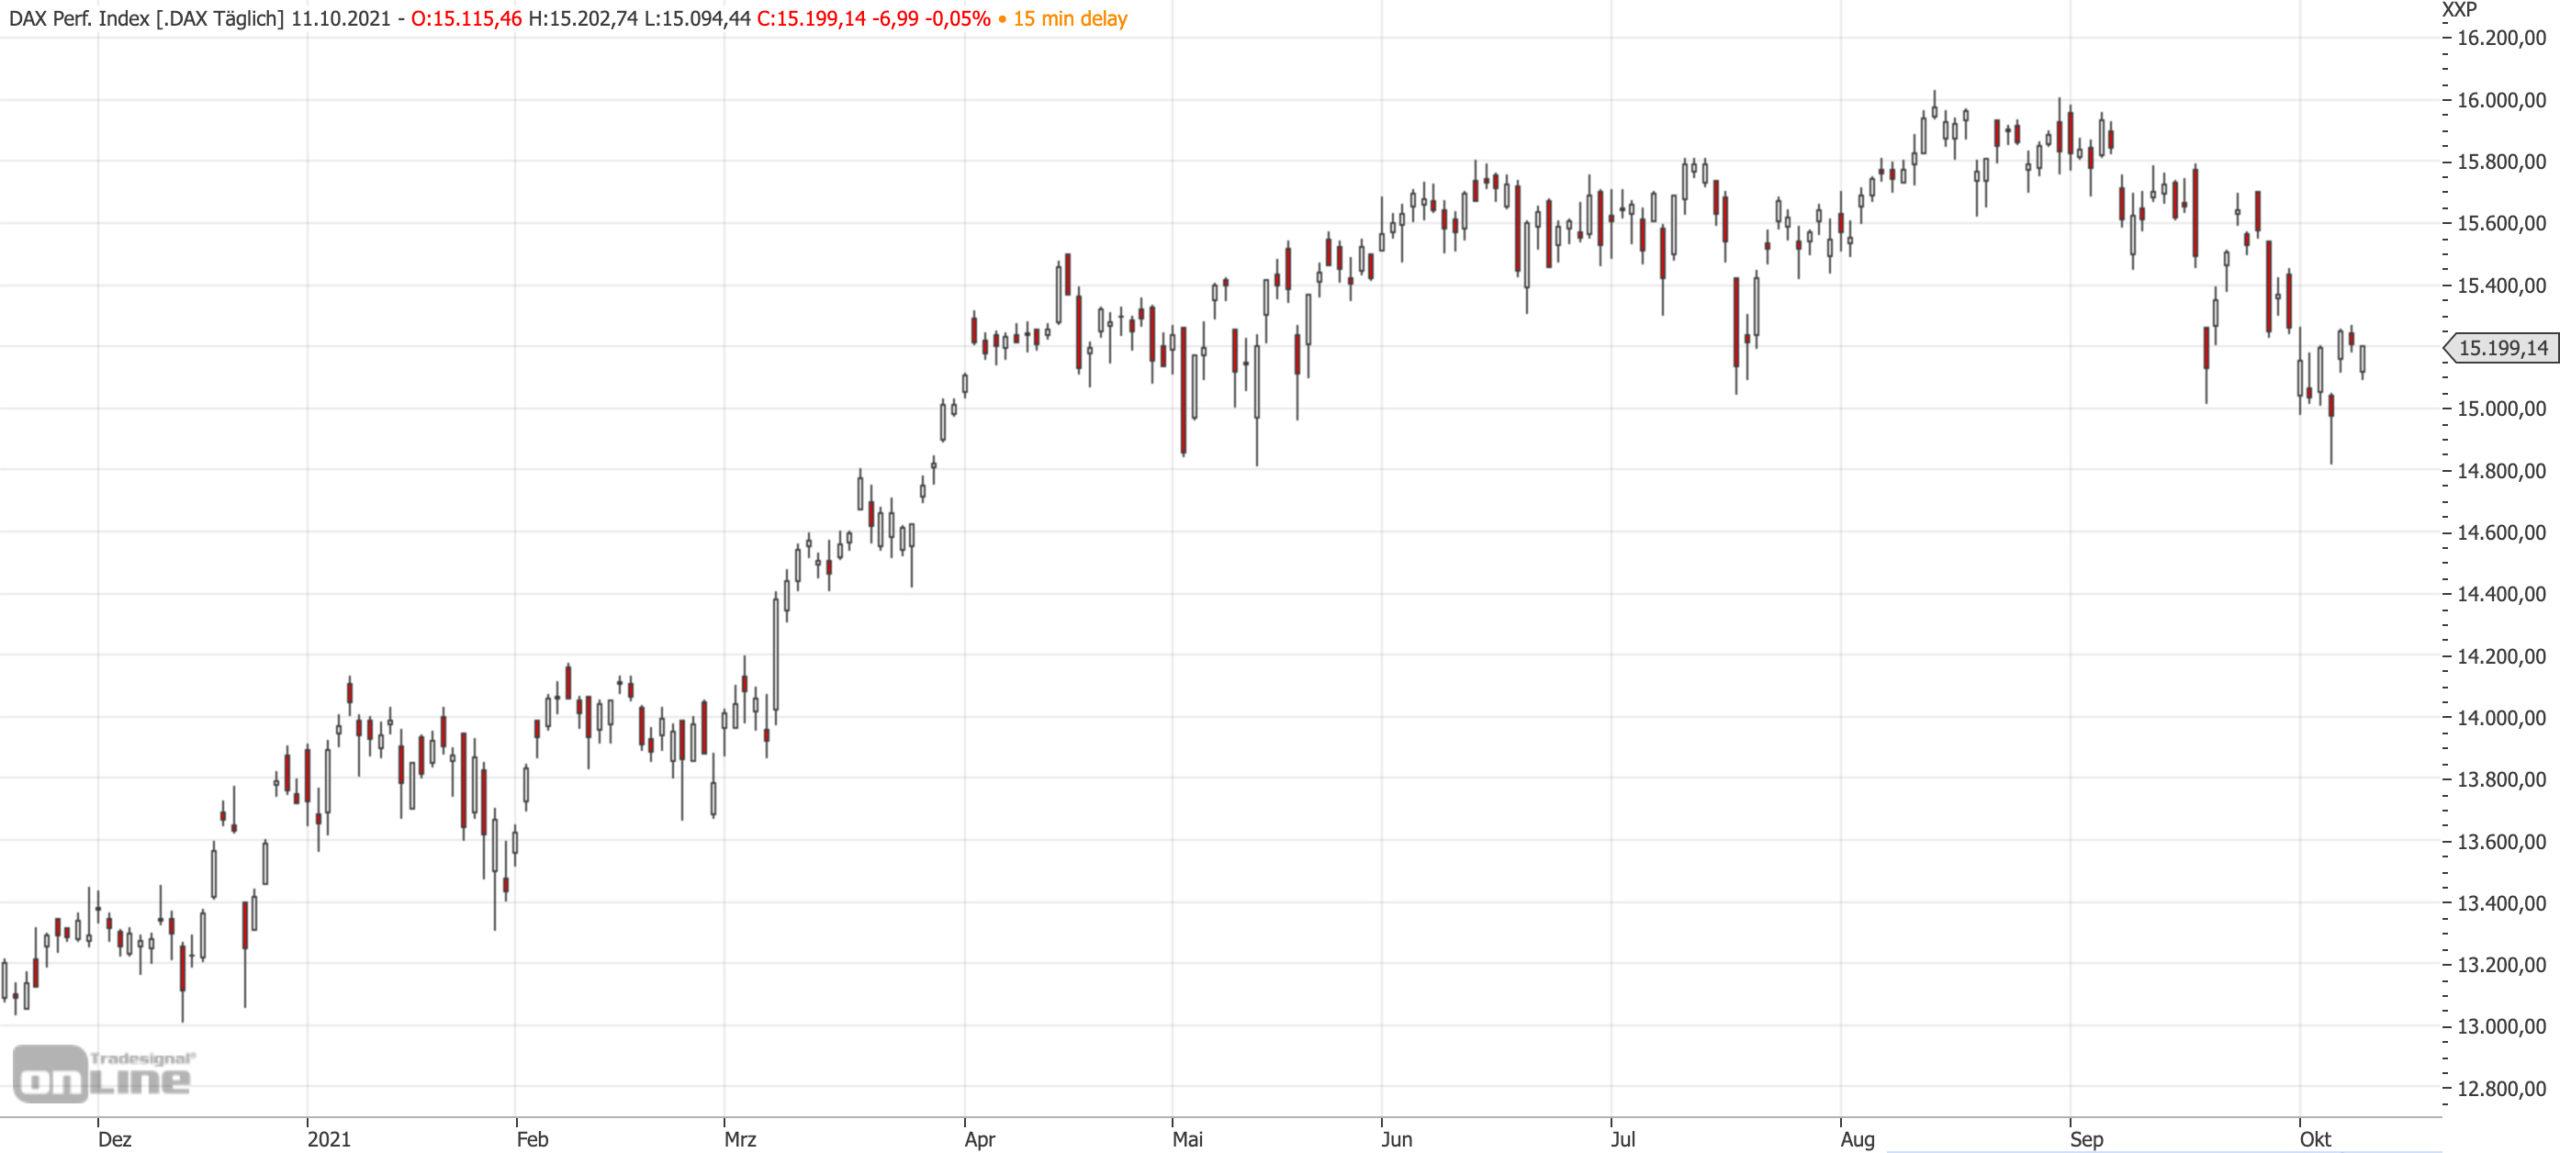 Mittelfristiger DAX-Chart bis zum 11.10.2021